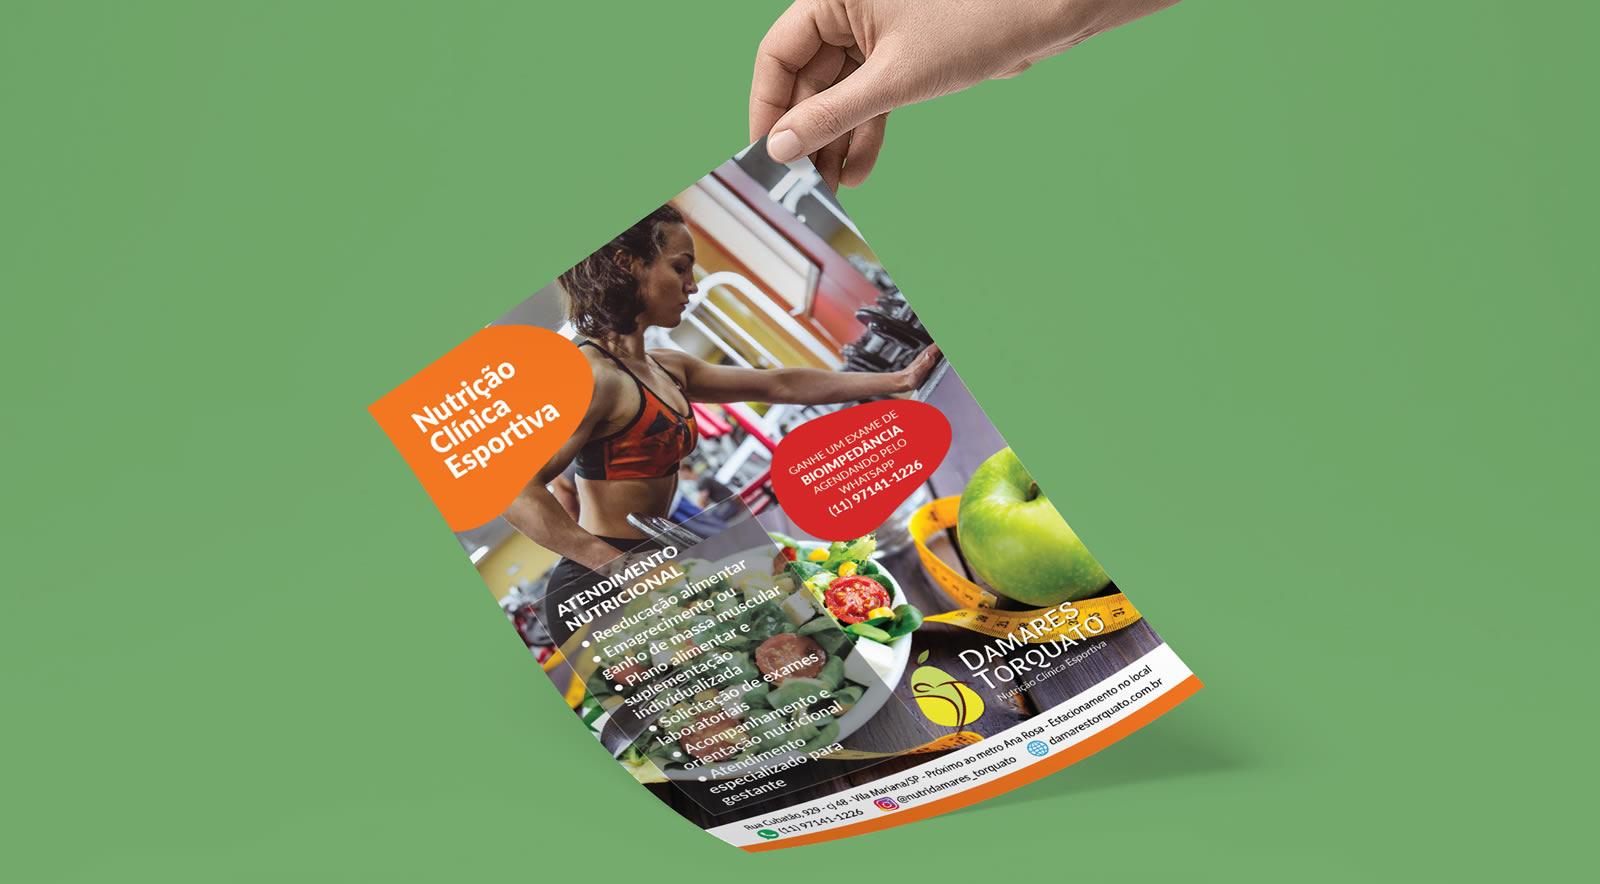 Flyer para nutricionista Damares Torquato - Osvaldo Almeida designer freelancer